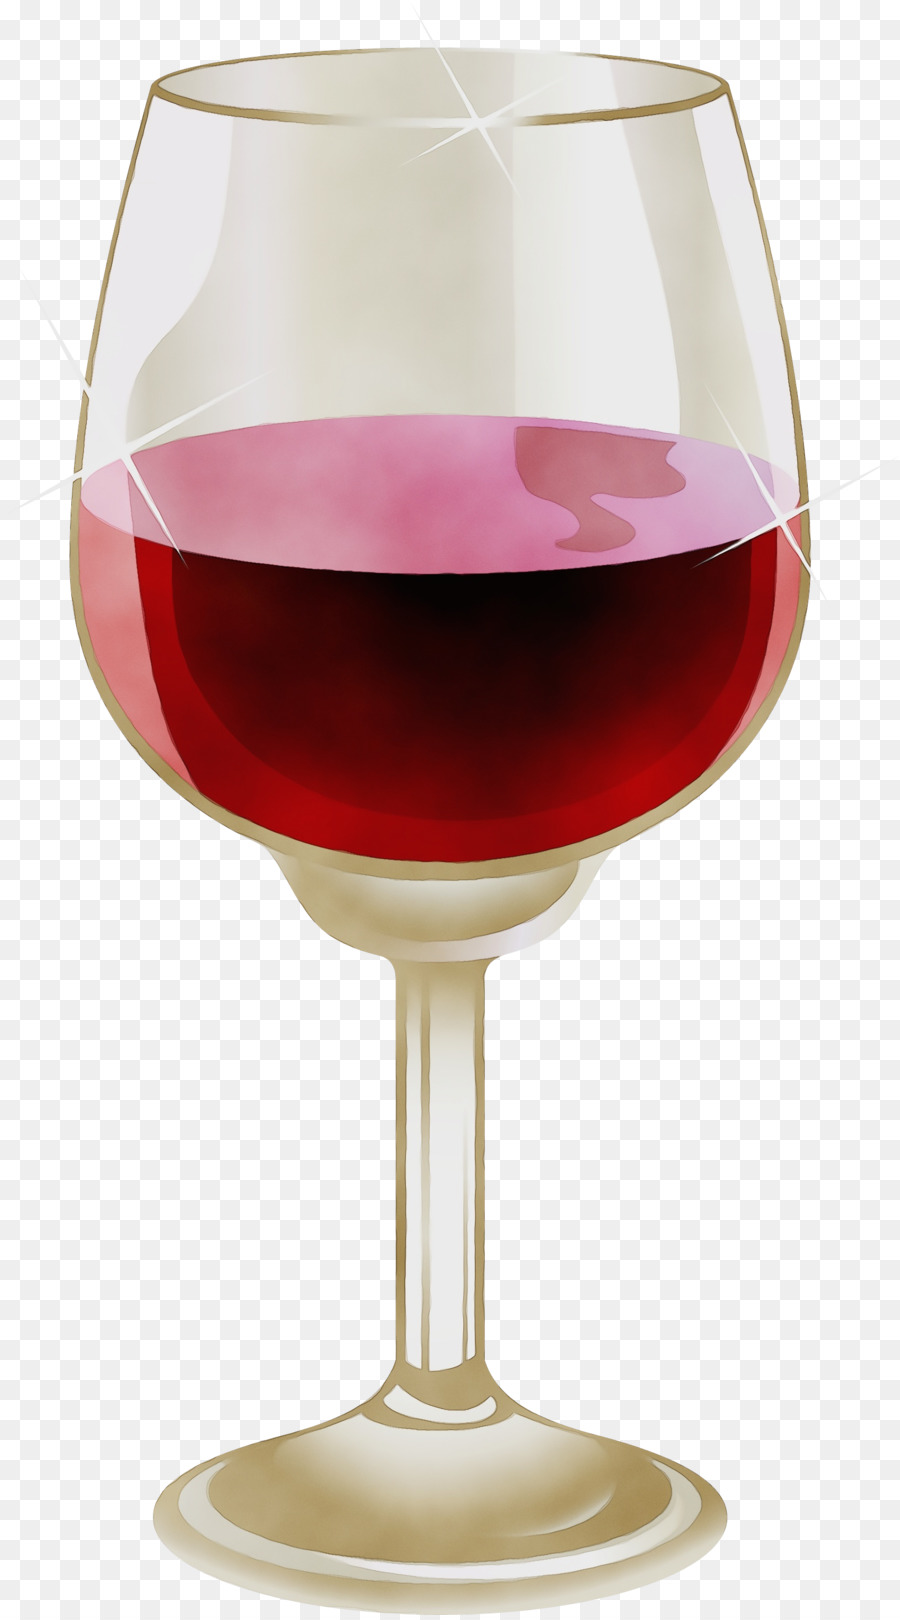 Descarga gratuita de Vino, Vino Tinto, La Cerveza Imágen de Png